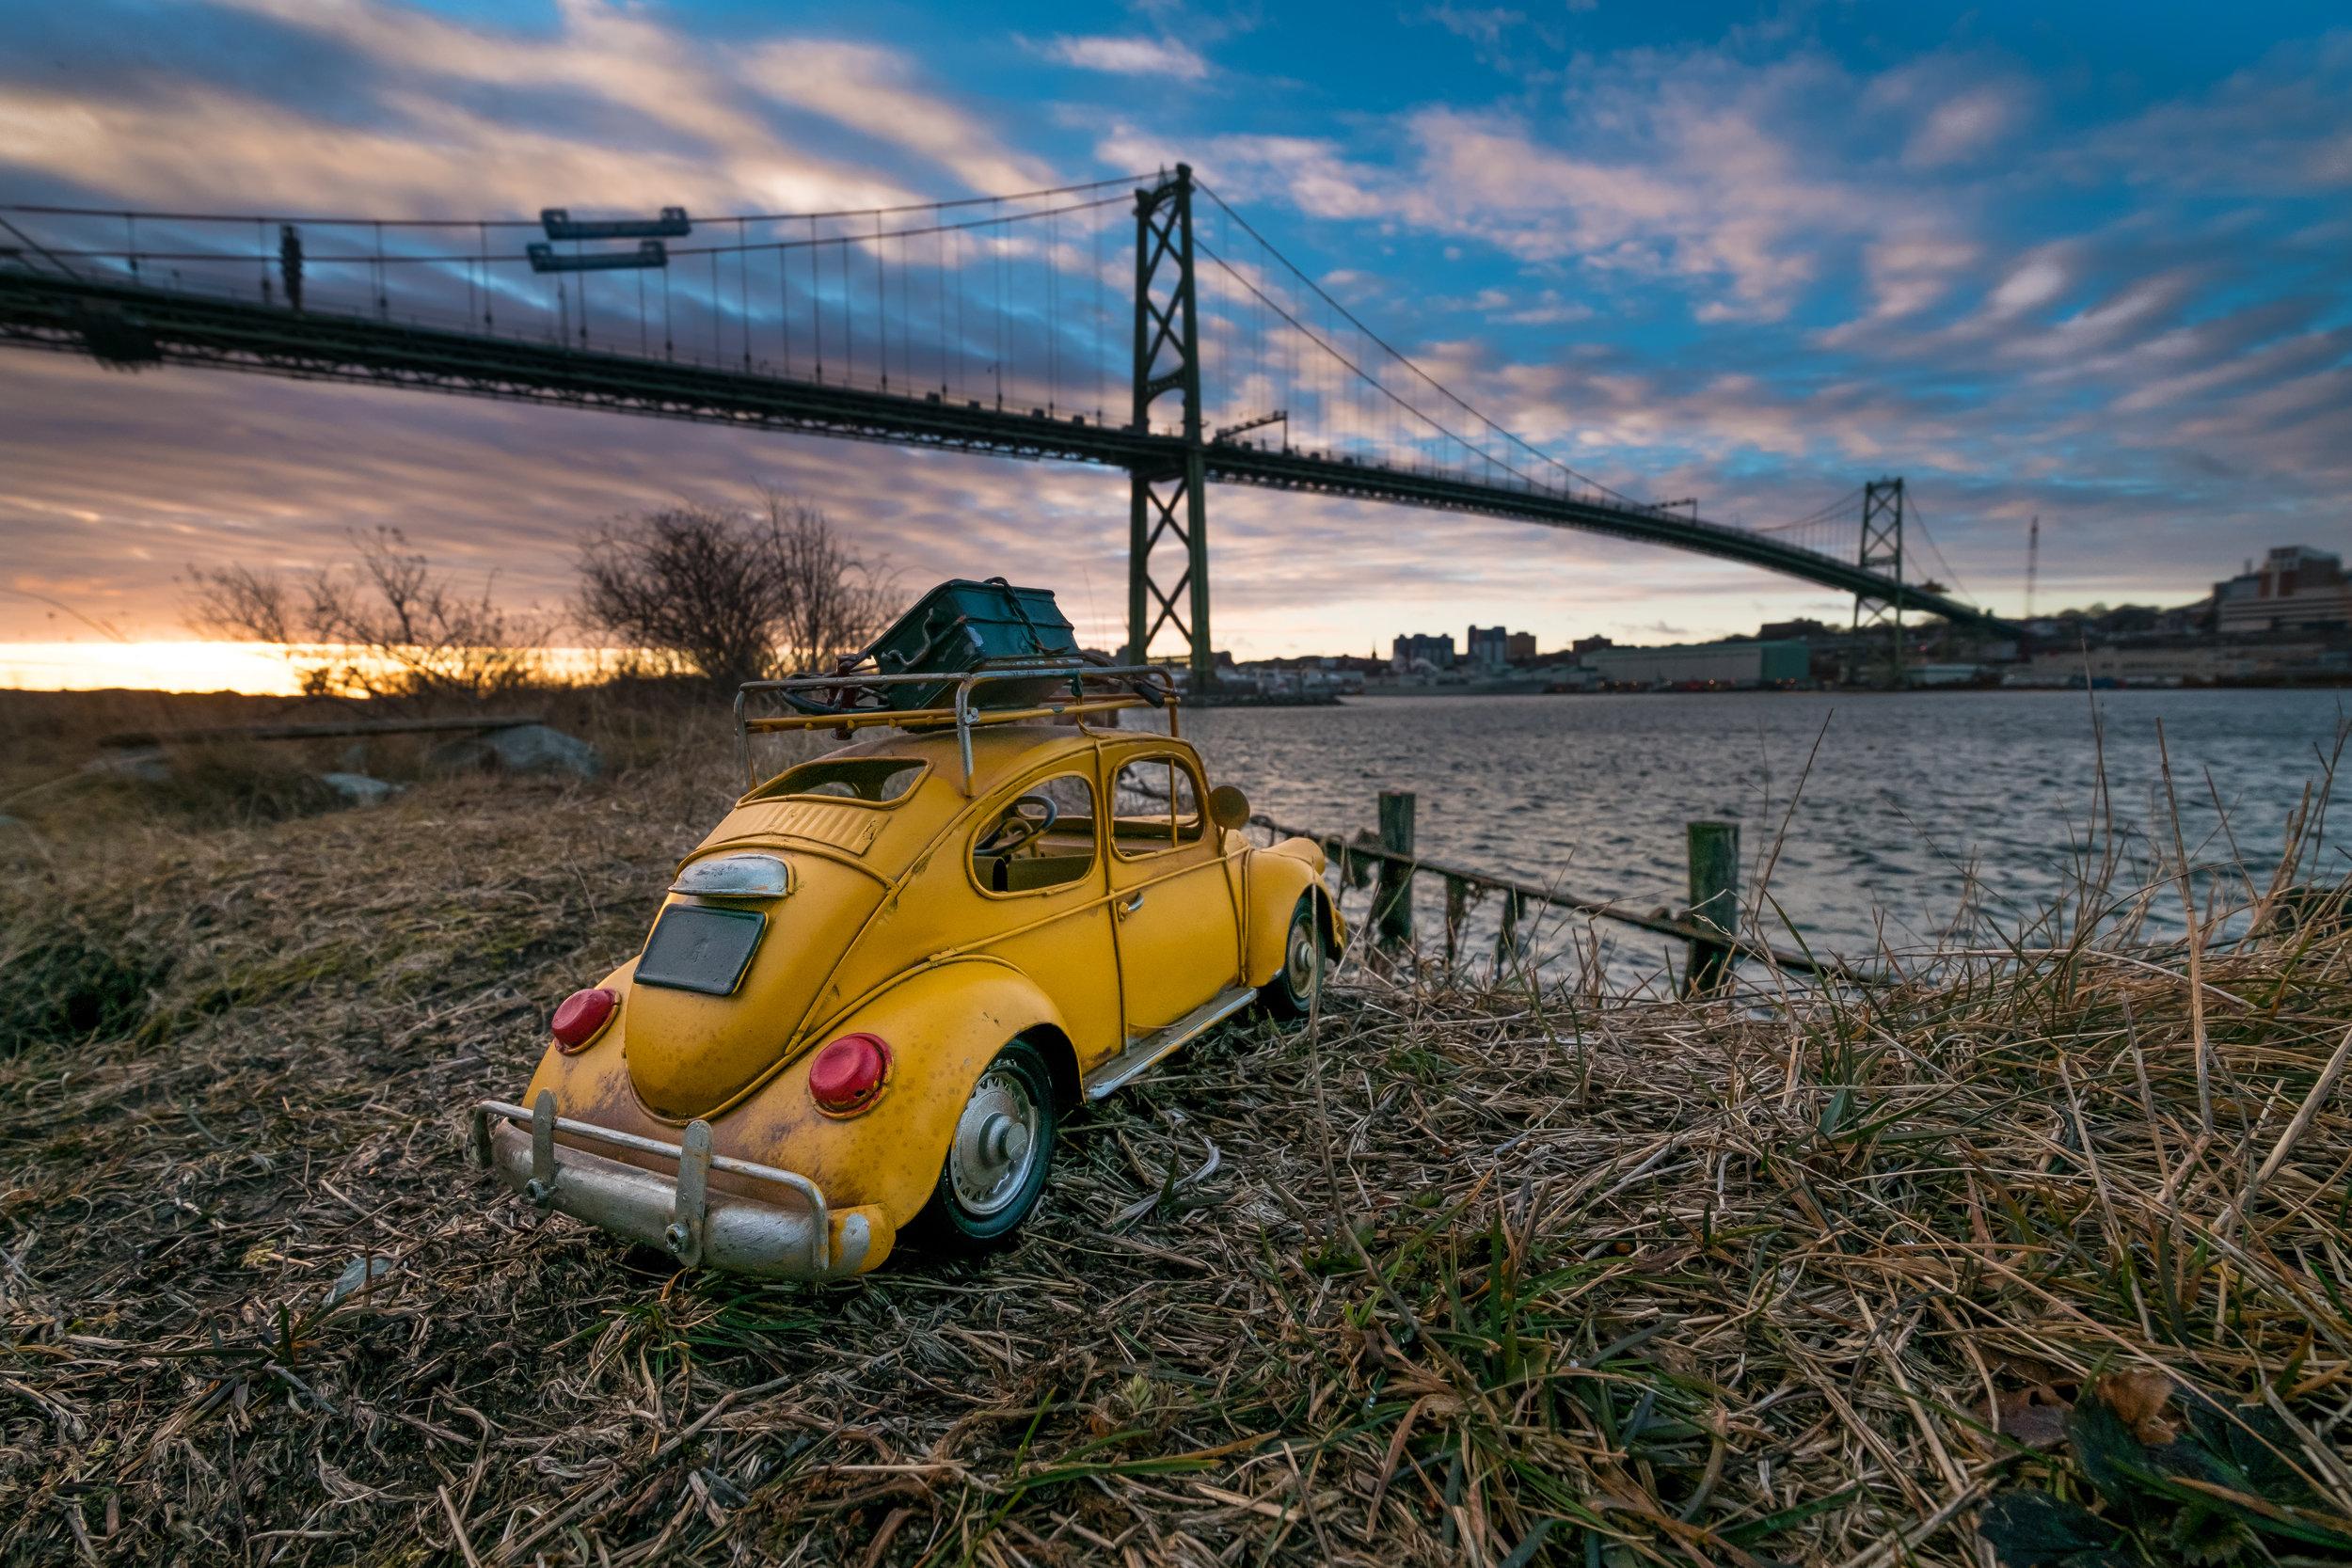 VDub_Willie, Halifax, Nova Scotia